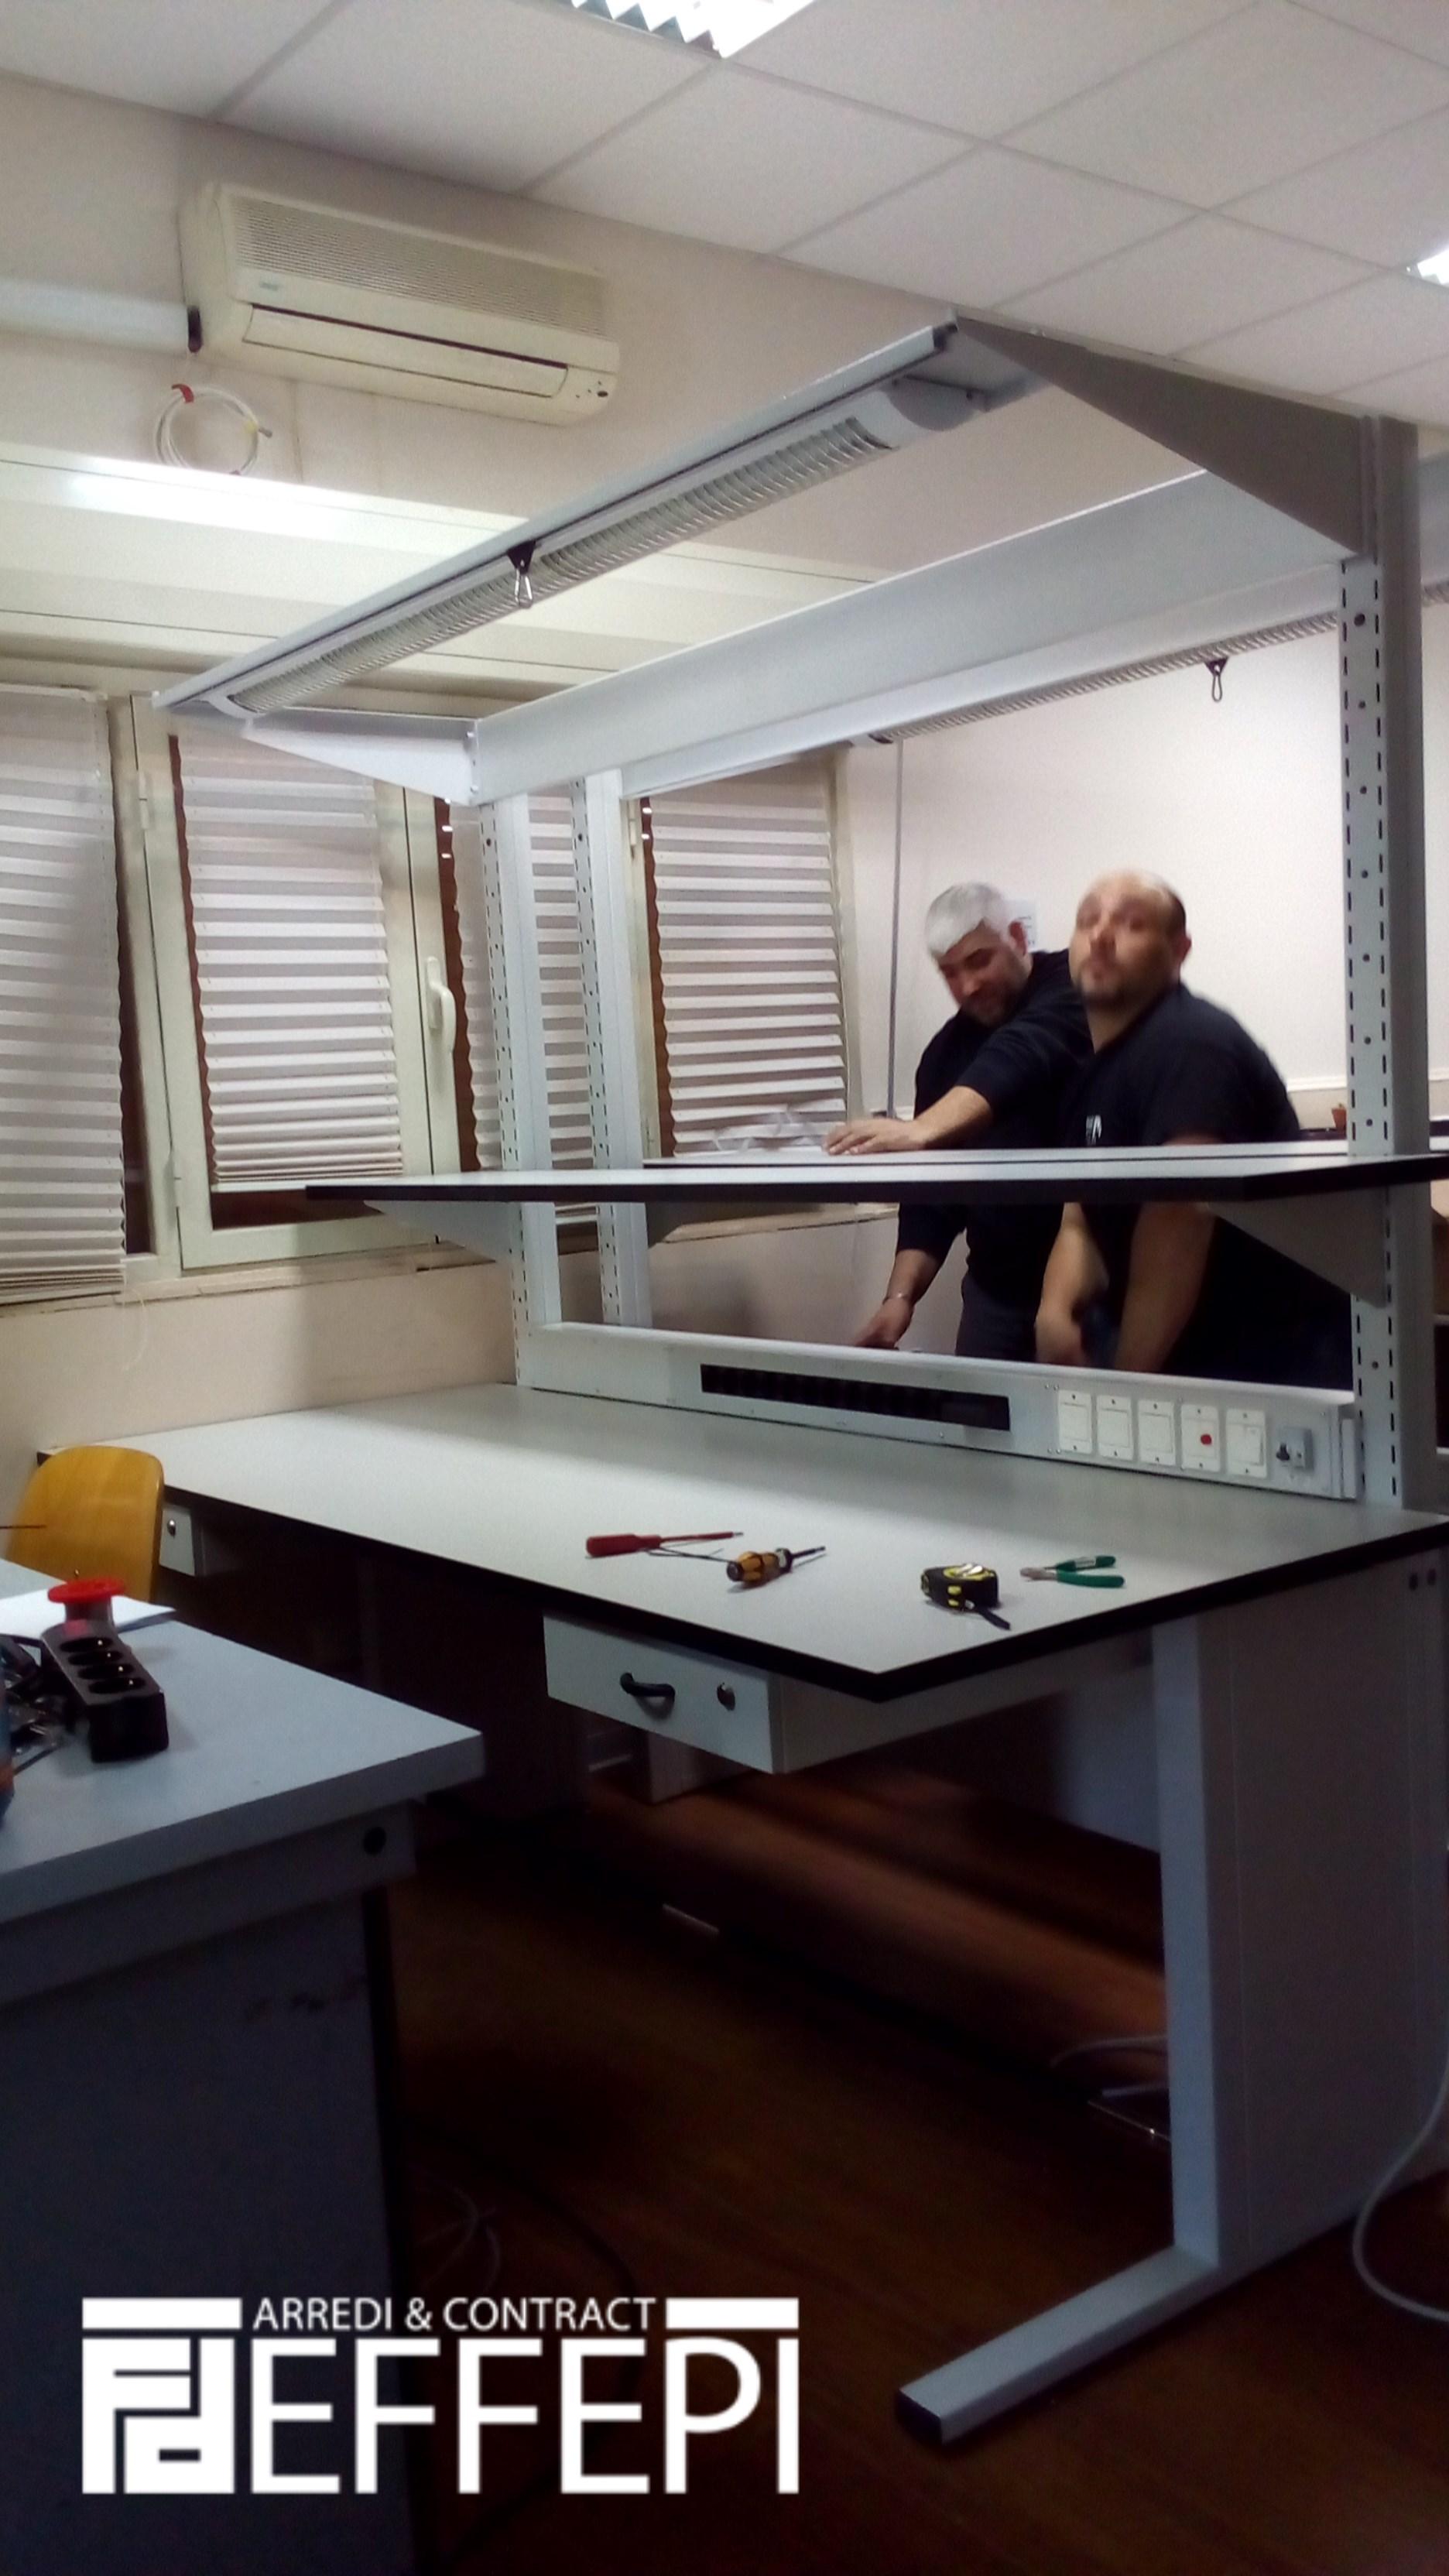 Consegna banchi laboratorio elettrificati effepi arredi for Arredi da laboratorio